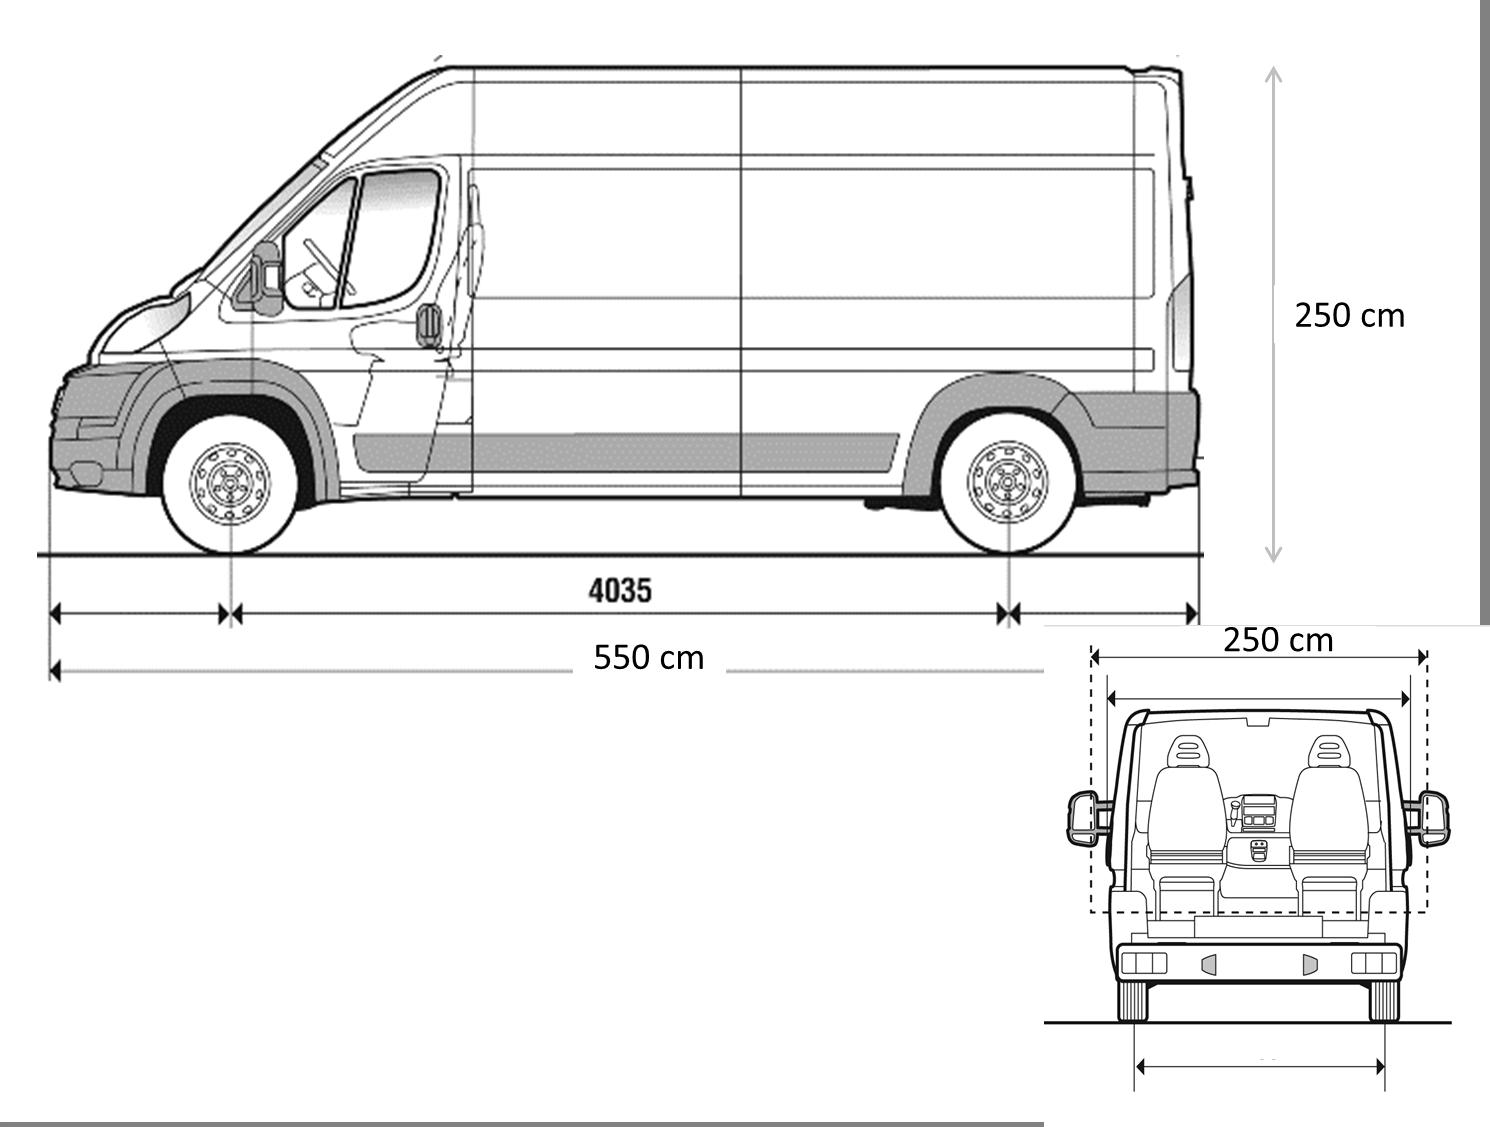 iveco daily 12 m3 coast rental camper van inspiration pinterest. Black Bedroom Furniture Sets. Home Design Ideas